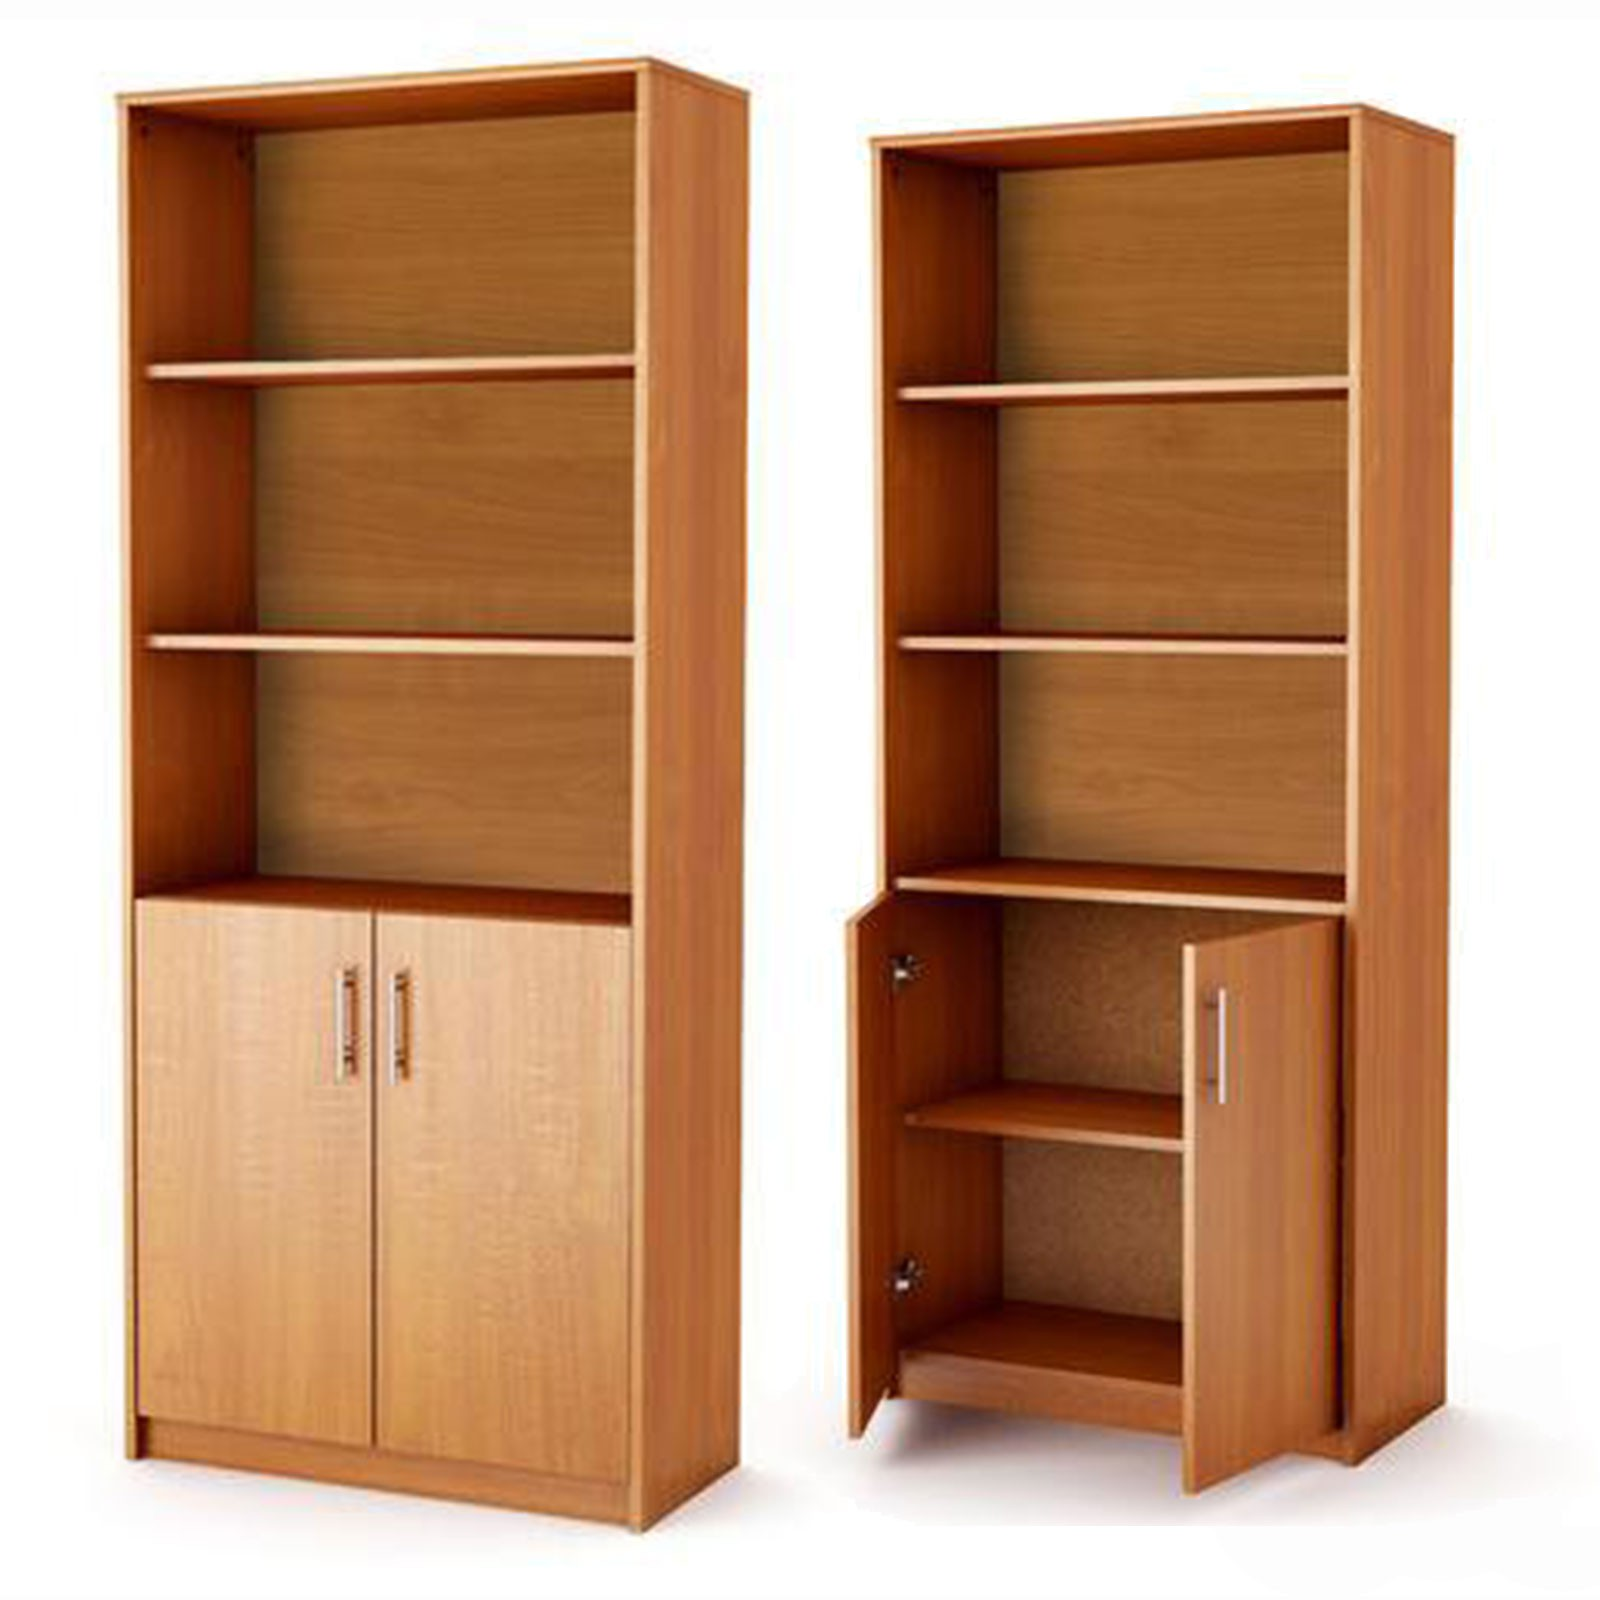 mehrzweckschrank regal kleiderschrank kommode stauraumkommode hochschrank dekor ebay. Black Bedroom Furniture Sets. Home Design Ideas